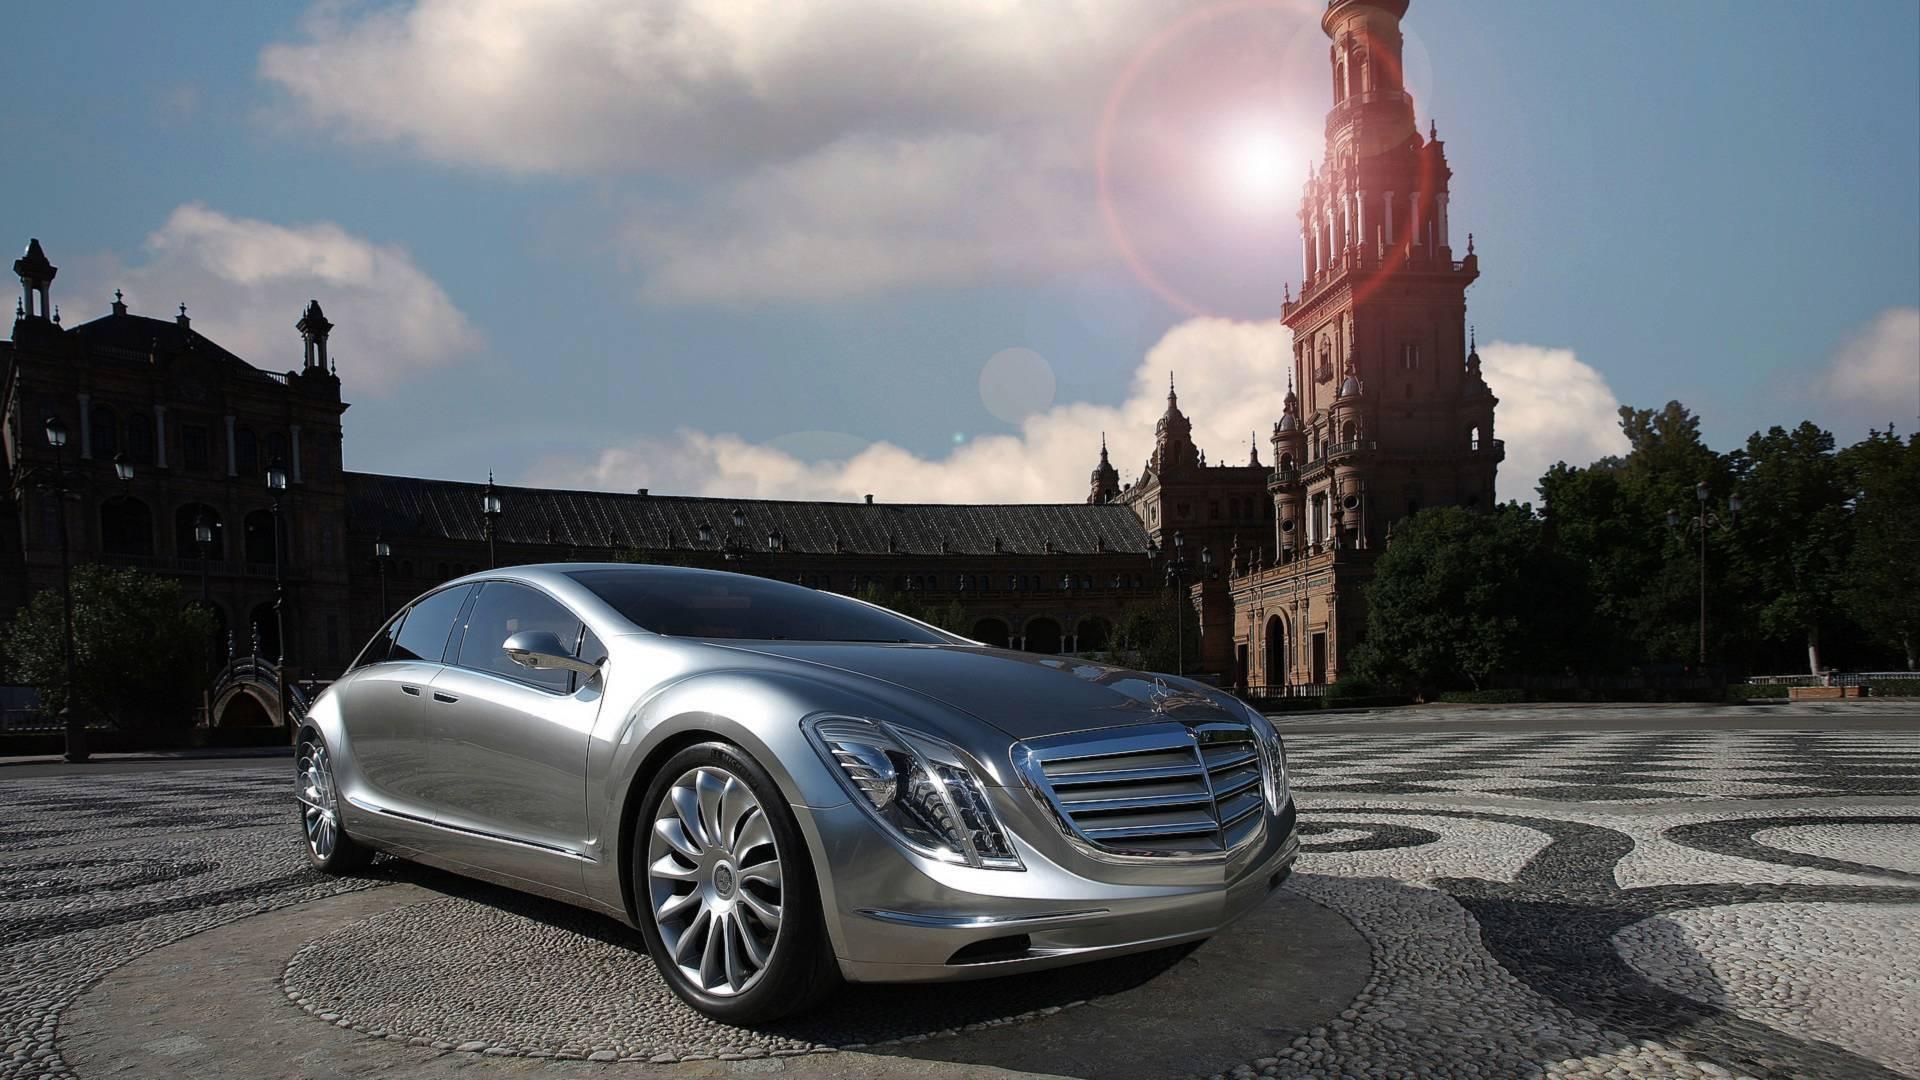 2007 Mercedes F 700: Concept We Forgot